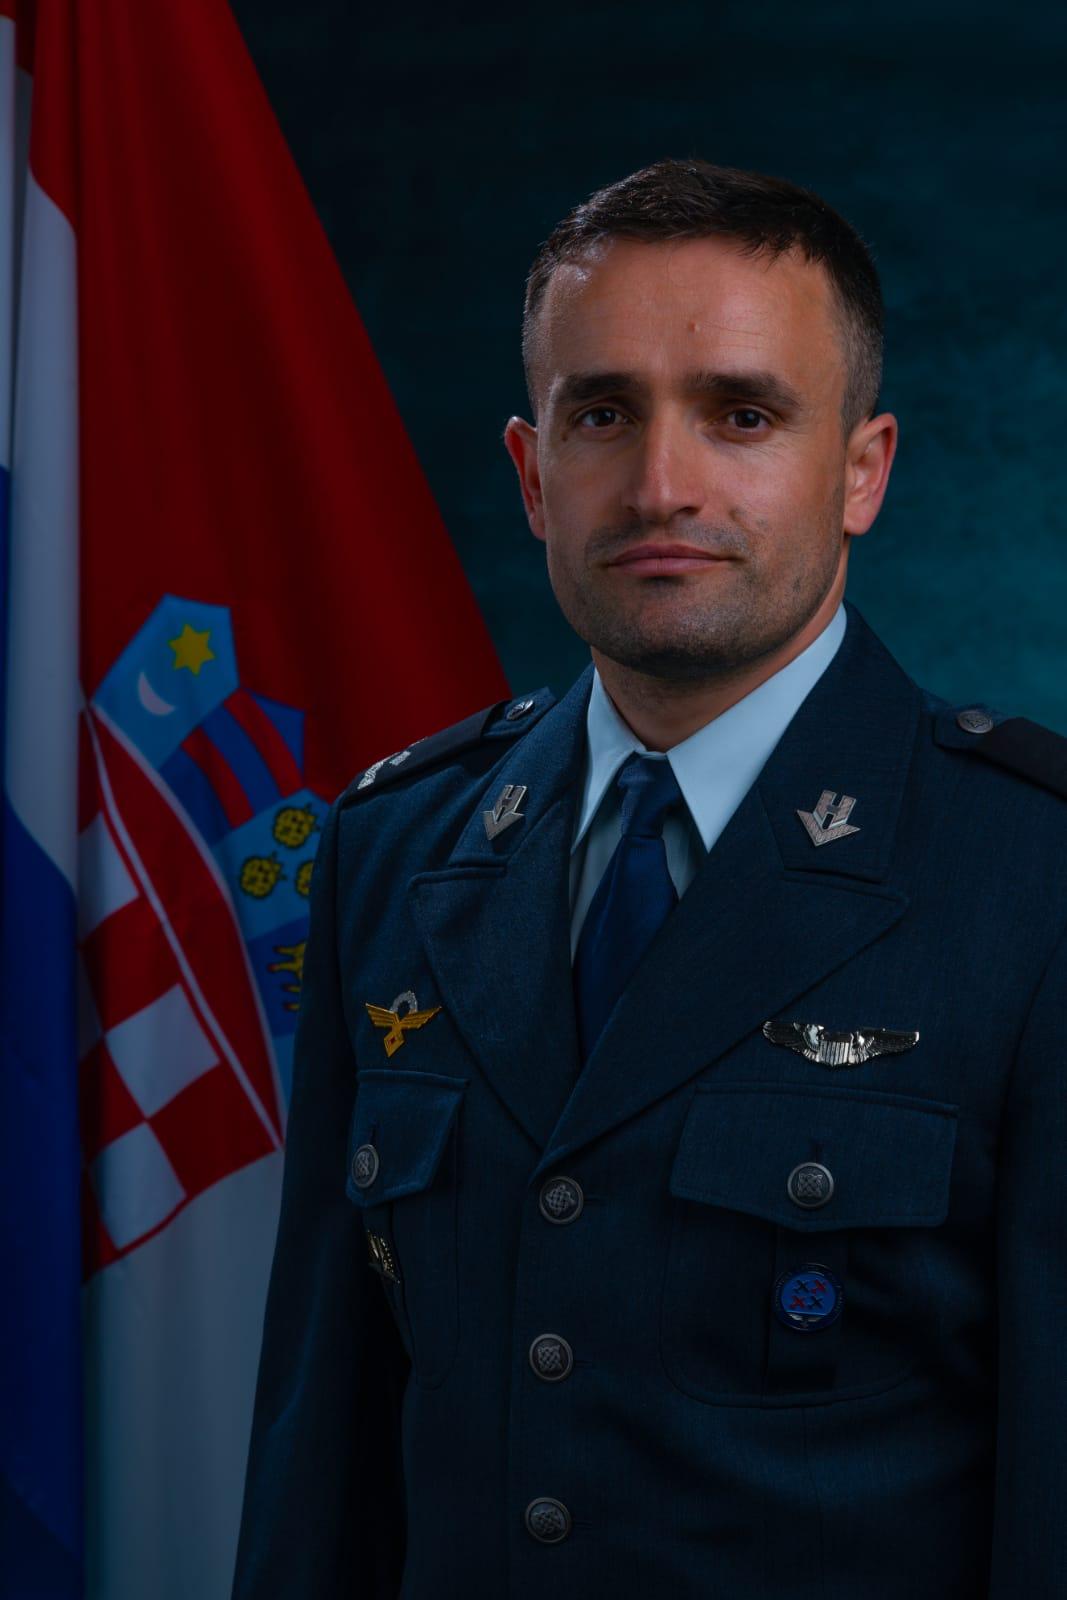 natporučnik Krešimir OŠTRIĆ